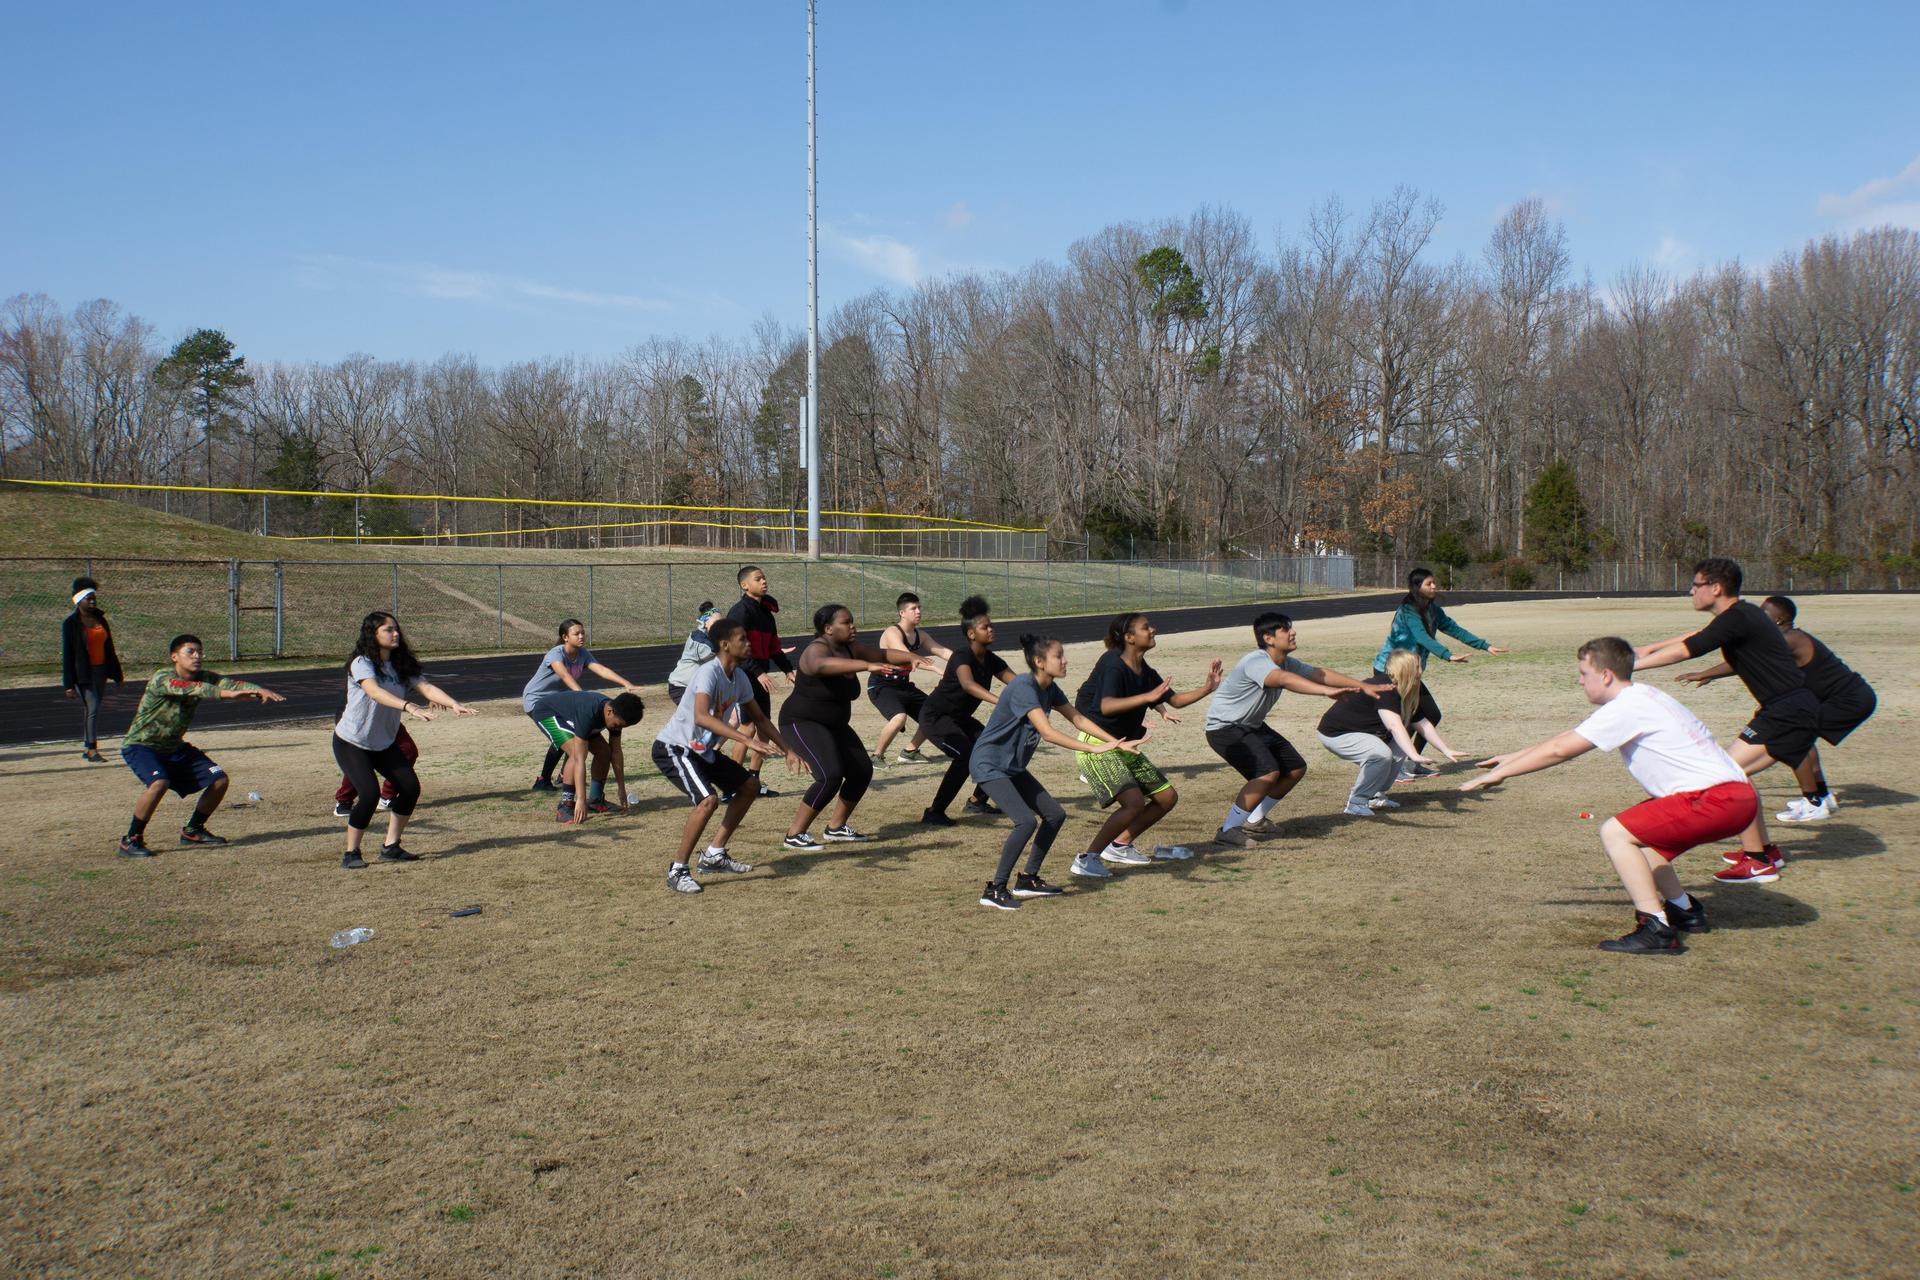 Bulldog JROTC Physical Training Dozen